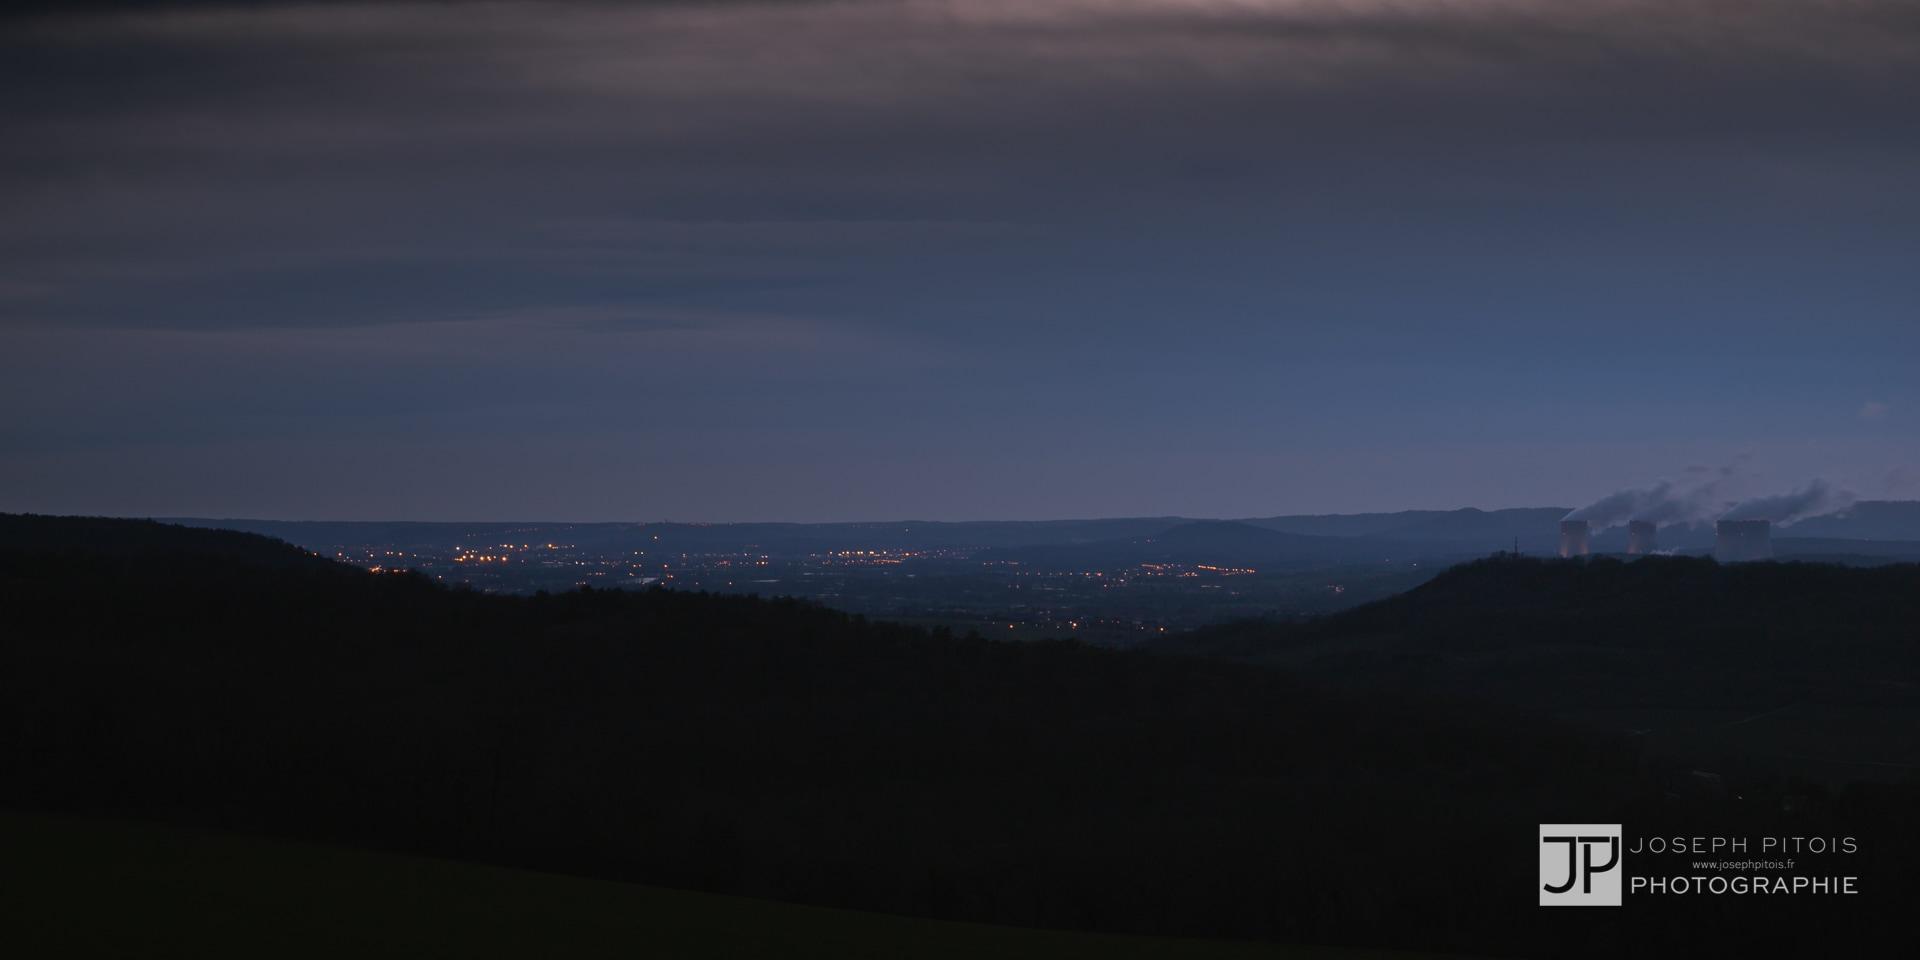 coucher-de-soleil-hiver-auf-der-schaeferei-200215-0486